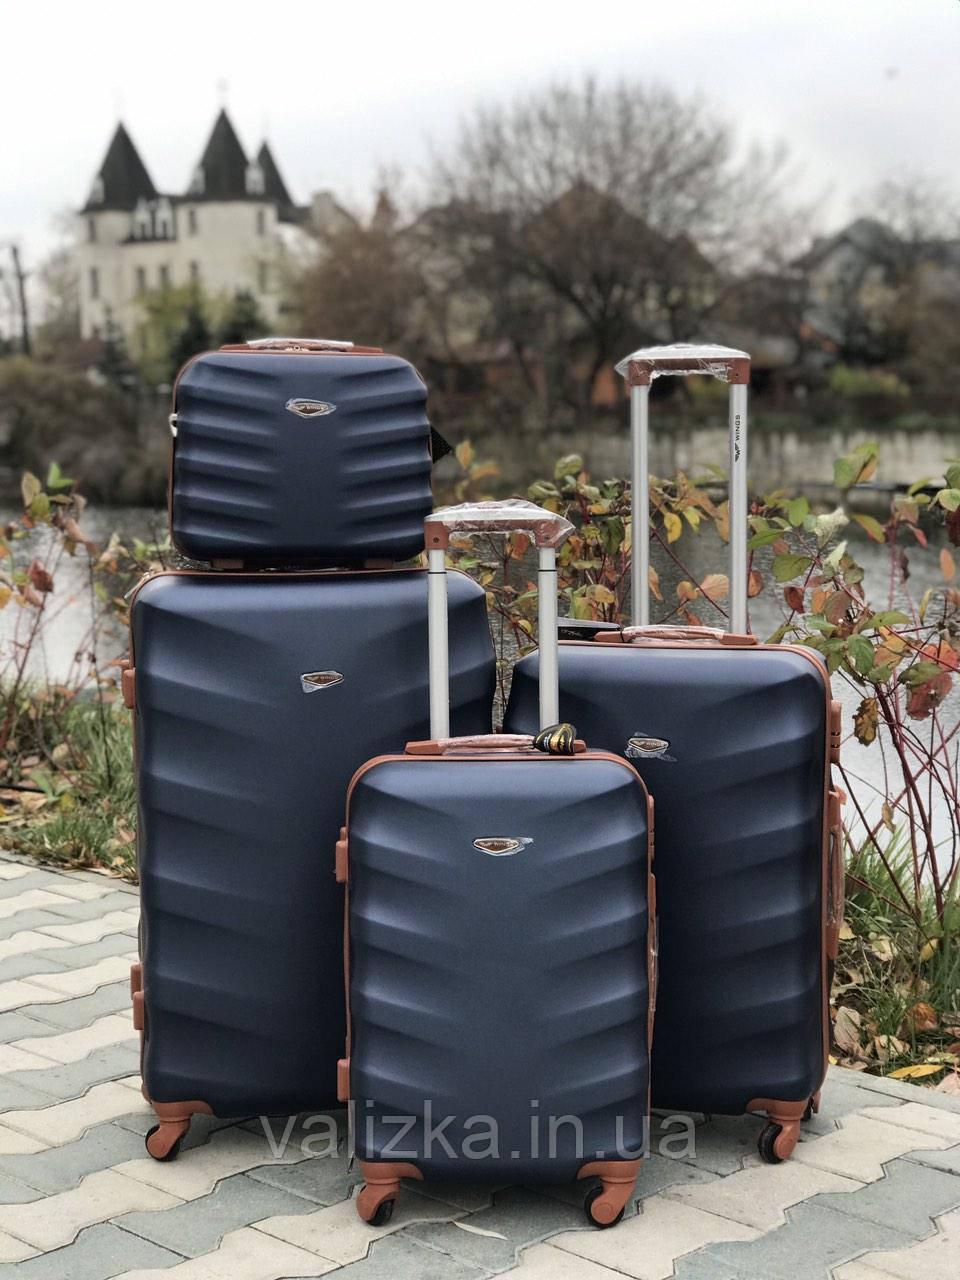 Комплект чемоданов пластиковых 4 штуки мини, малый, средний, большой Wings с кофейной фурнитурой темно синий